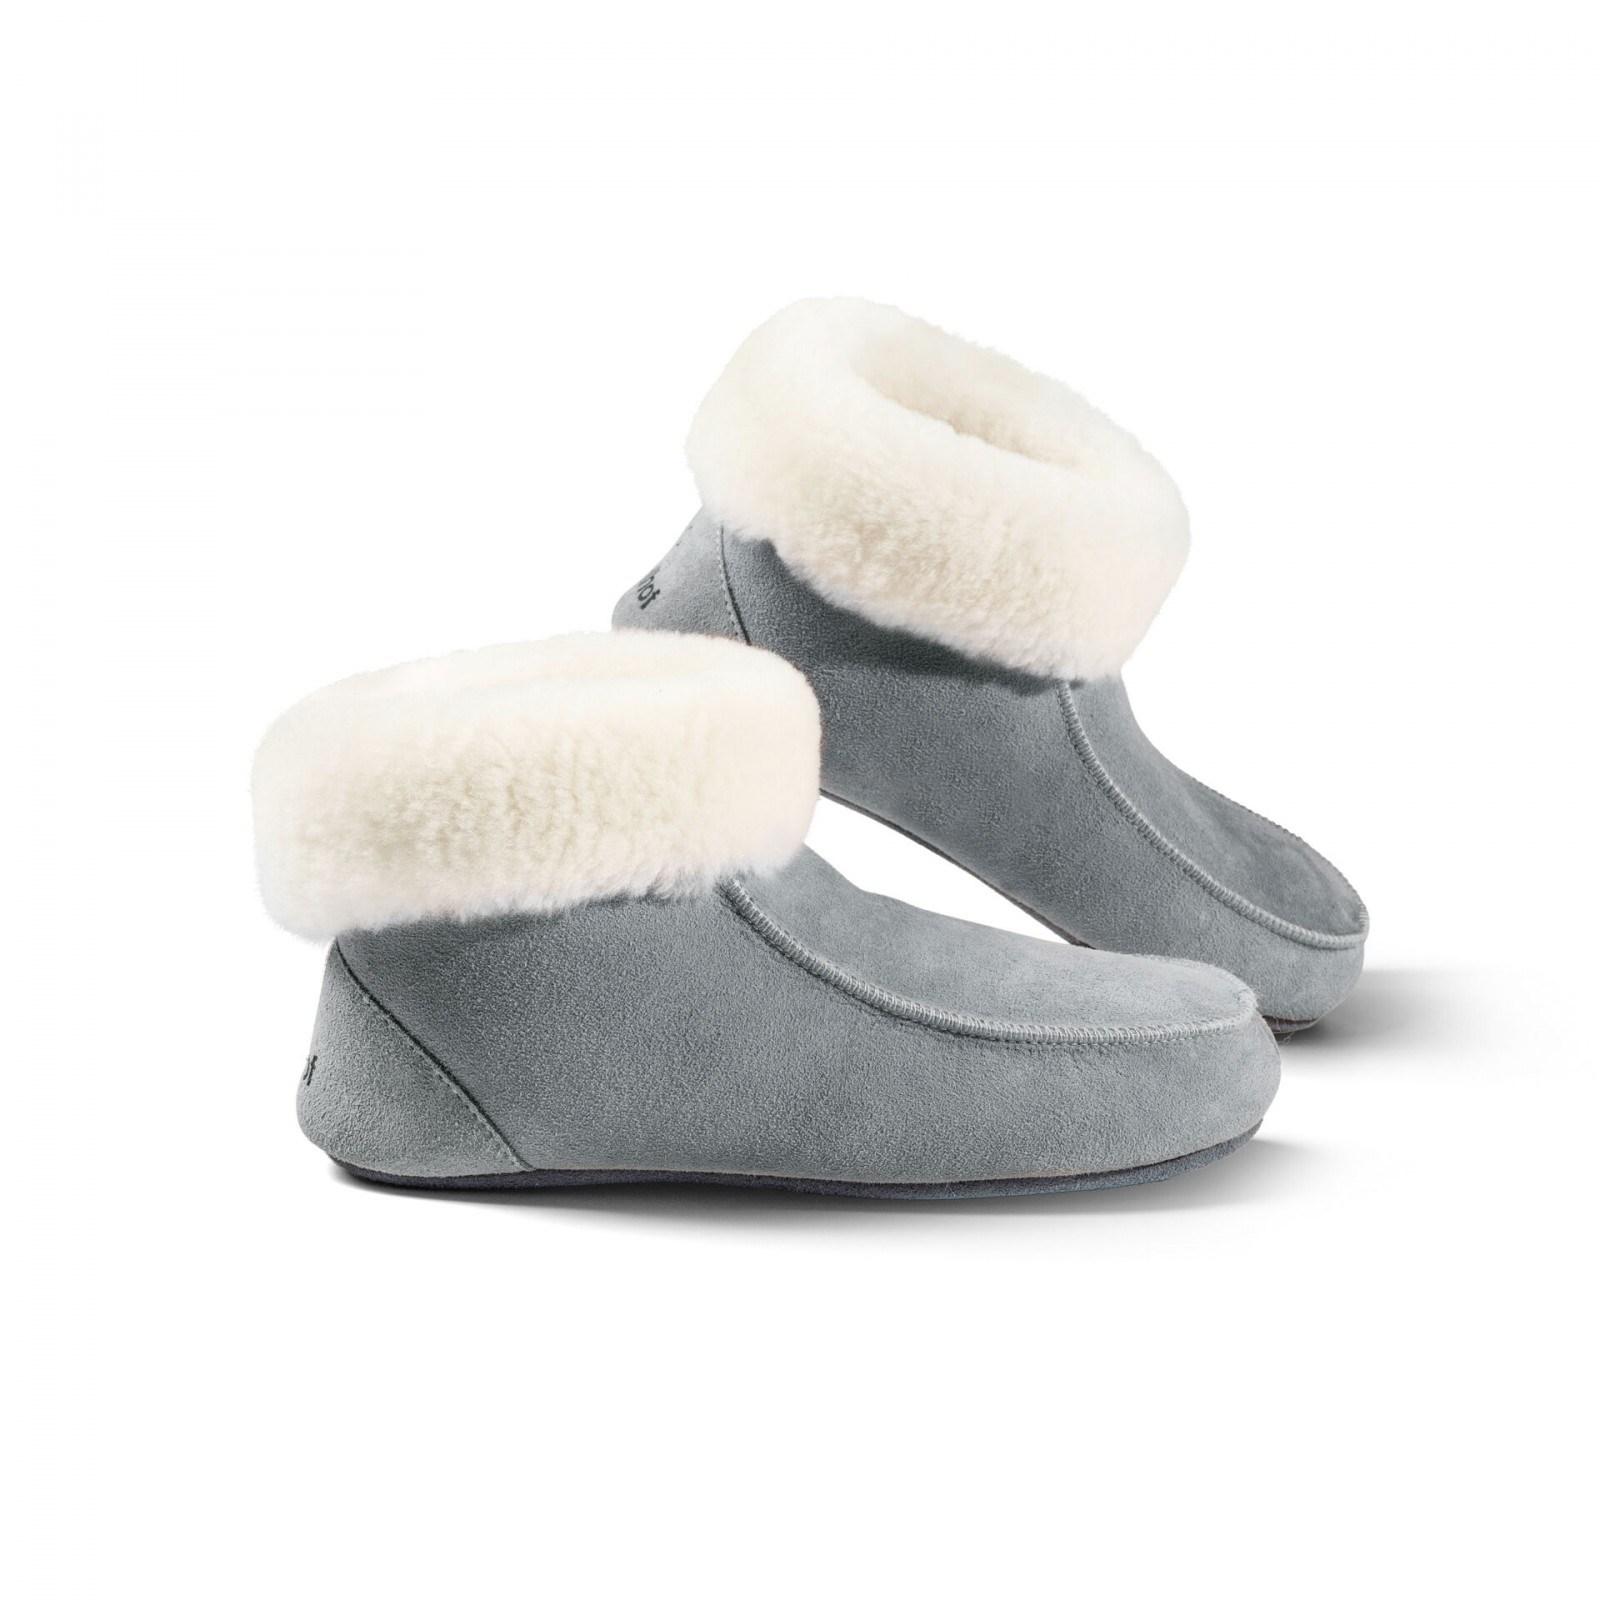 Domácí obuv s koženou podrážkou Zvolte variantu: Modrá, Velikost: 37